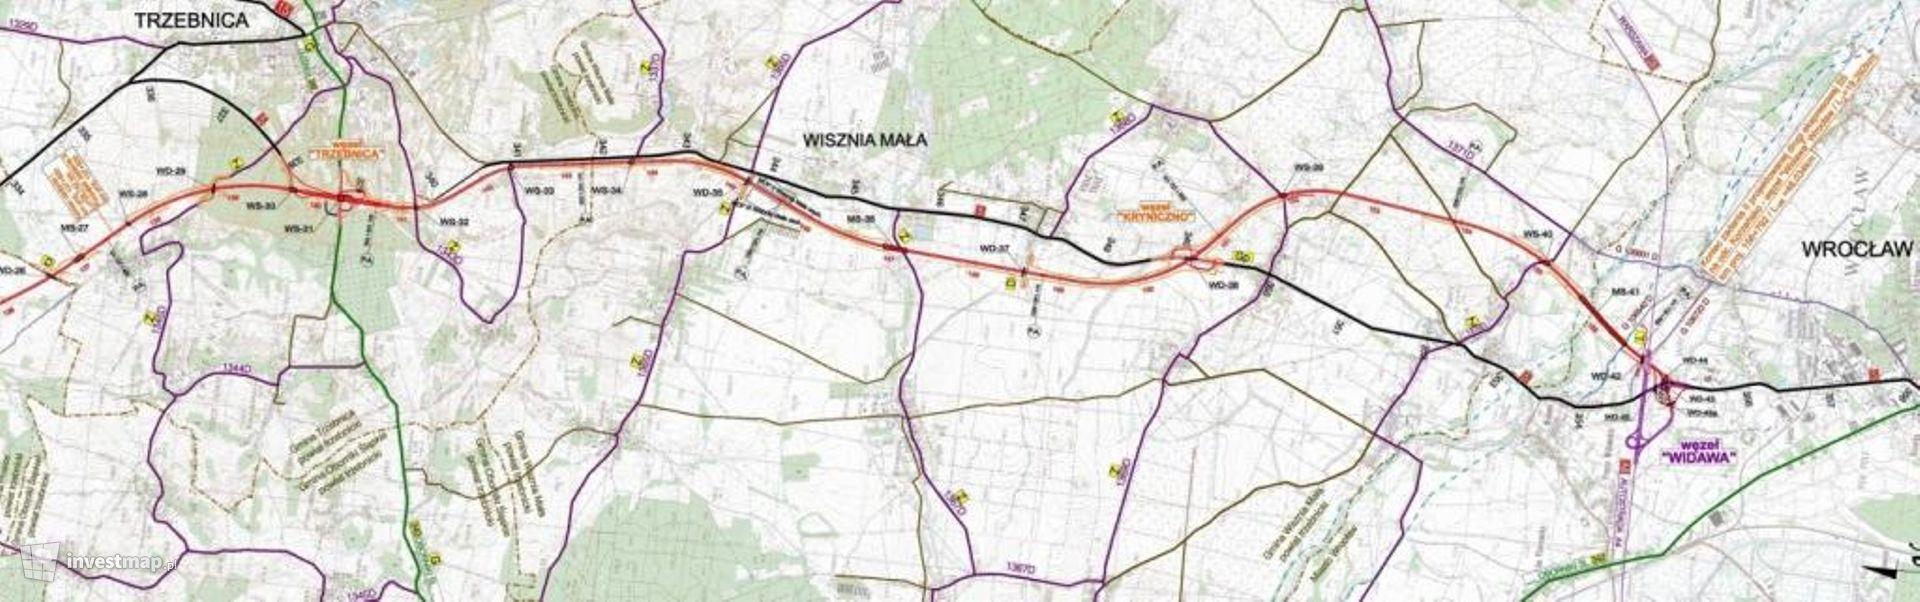 Droga ekspresowa S5 Wrocław - Poznań - Bydgoszcz